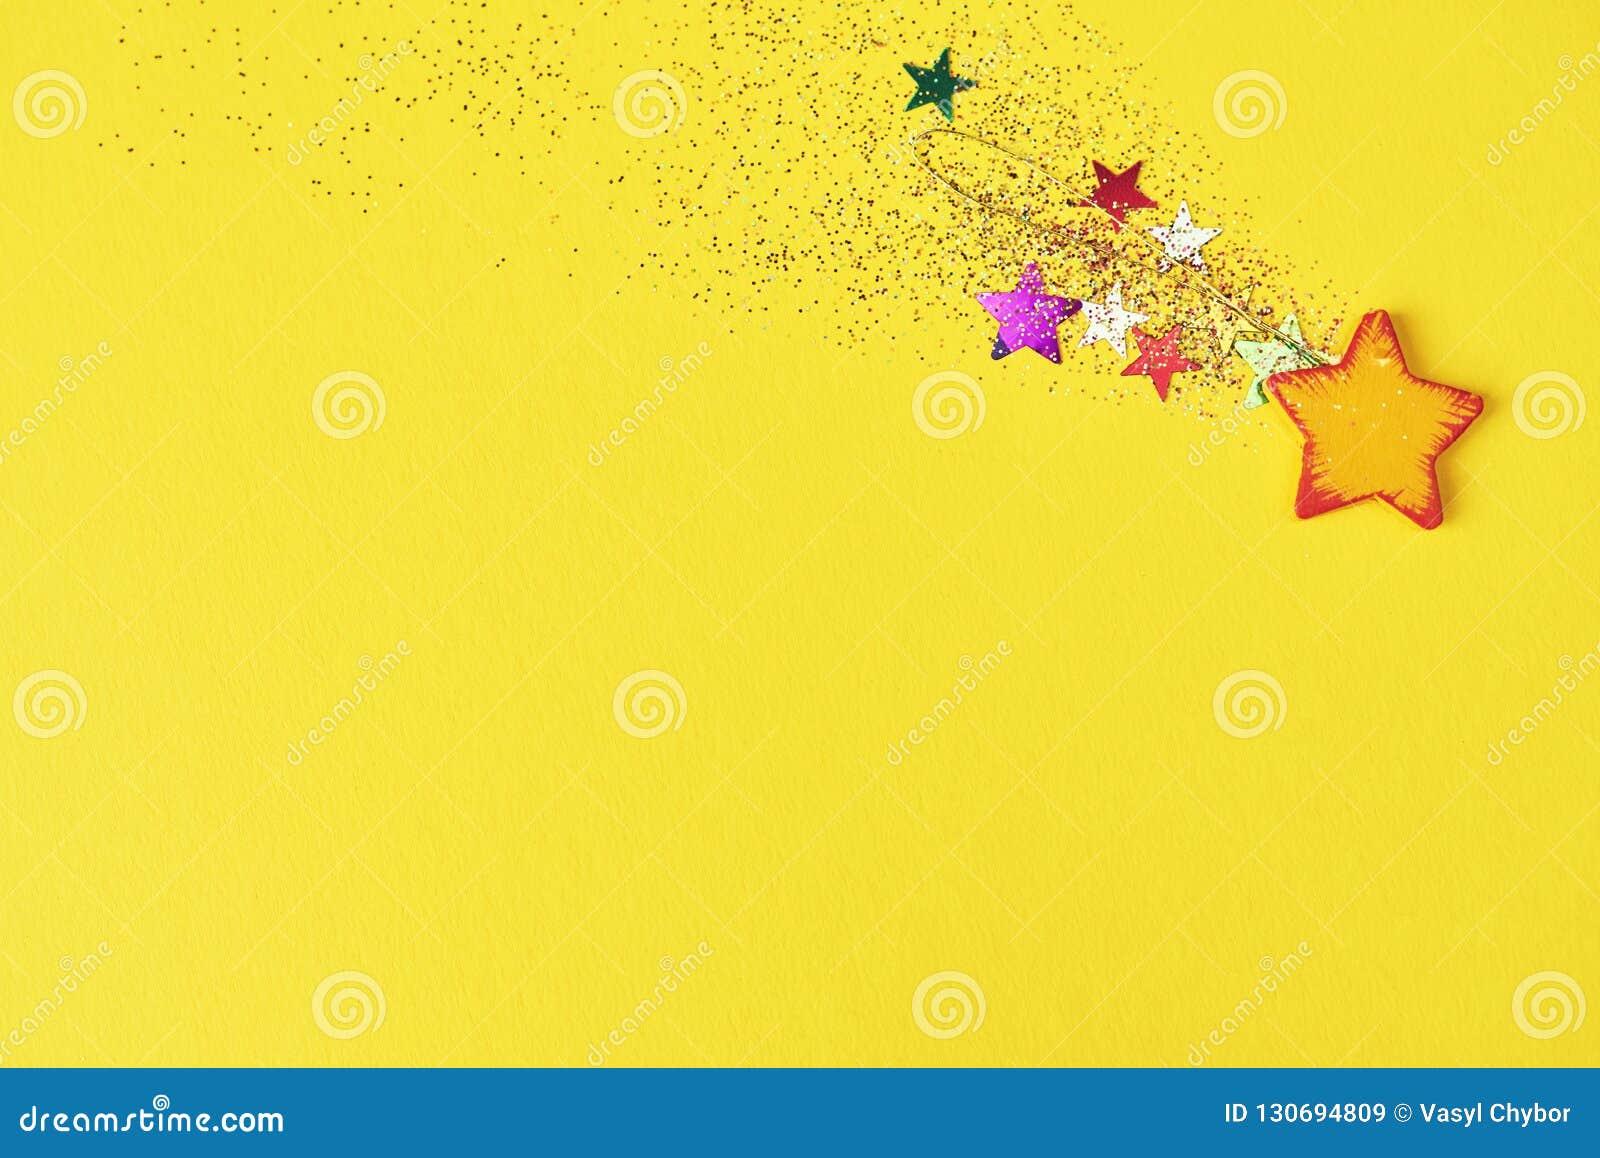 Fallande stjärna för jul på gul bakgrund Designmodell